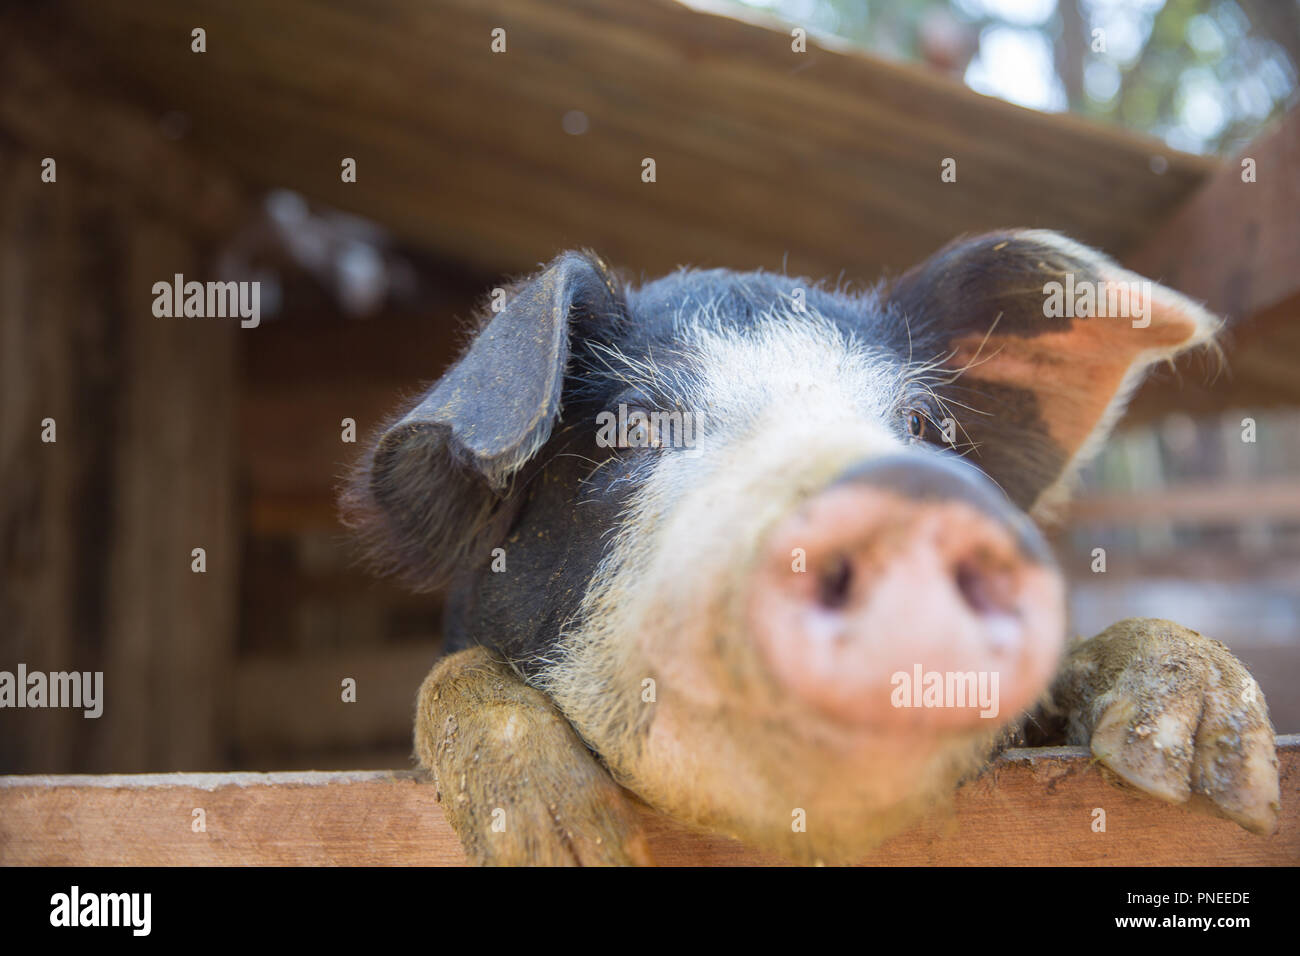 Schwein im Pen. Schwerpunkt liegt auf Auge. Geringe Tiefenschärfe. Stockbild